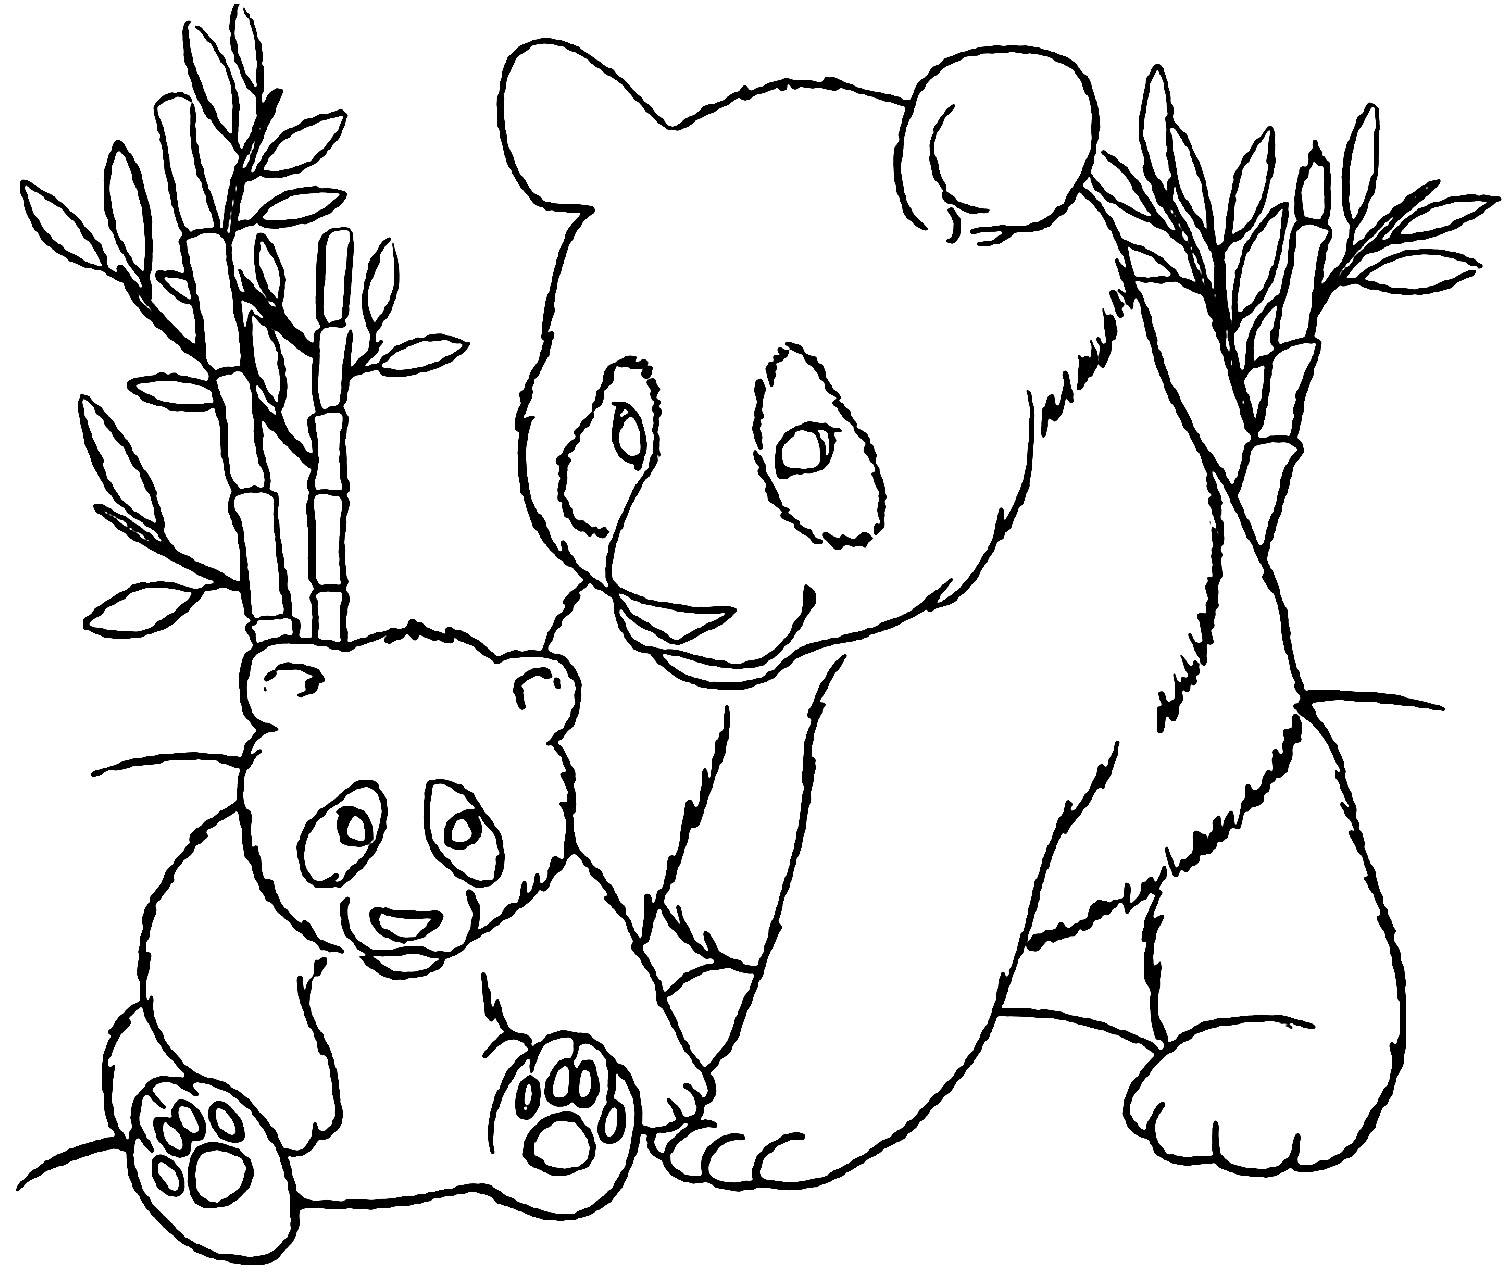 Coloriage De Panda A Imprimer Pour Enfants Coloriage De Pandas Coloriages Pour Enfants